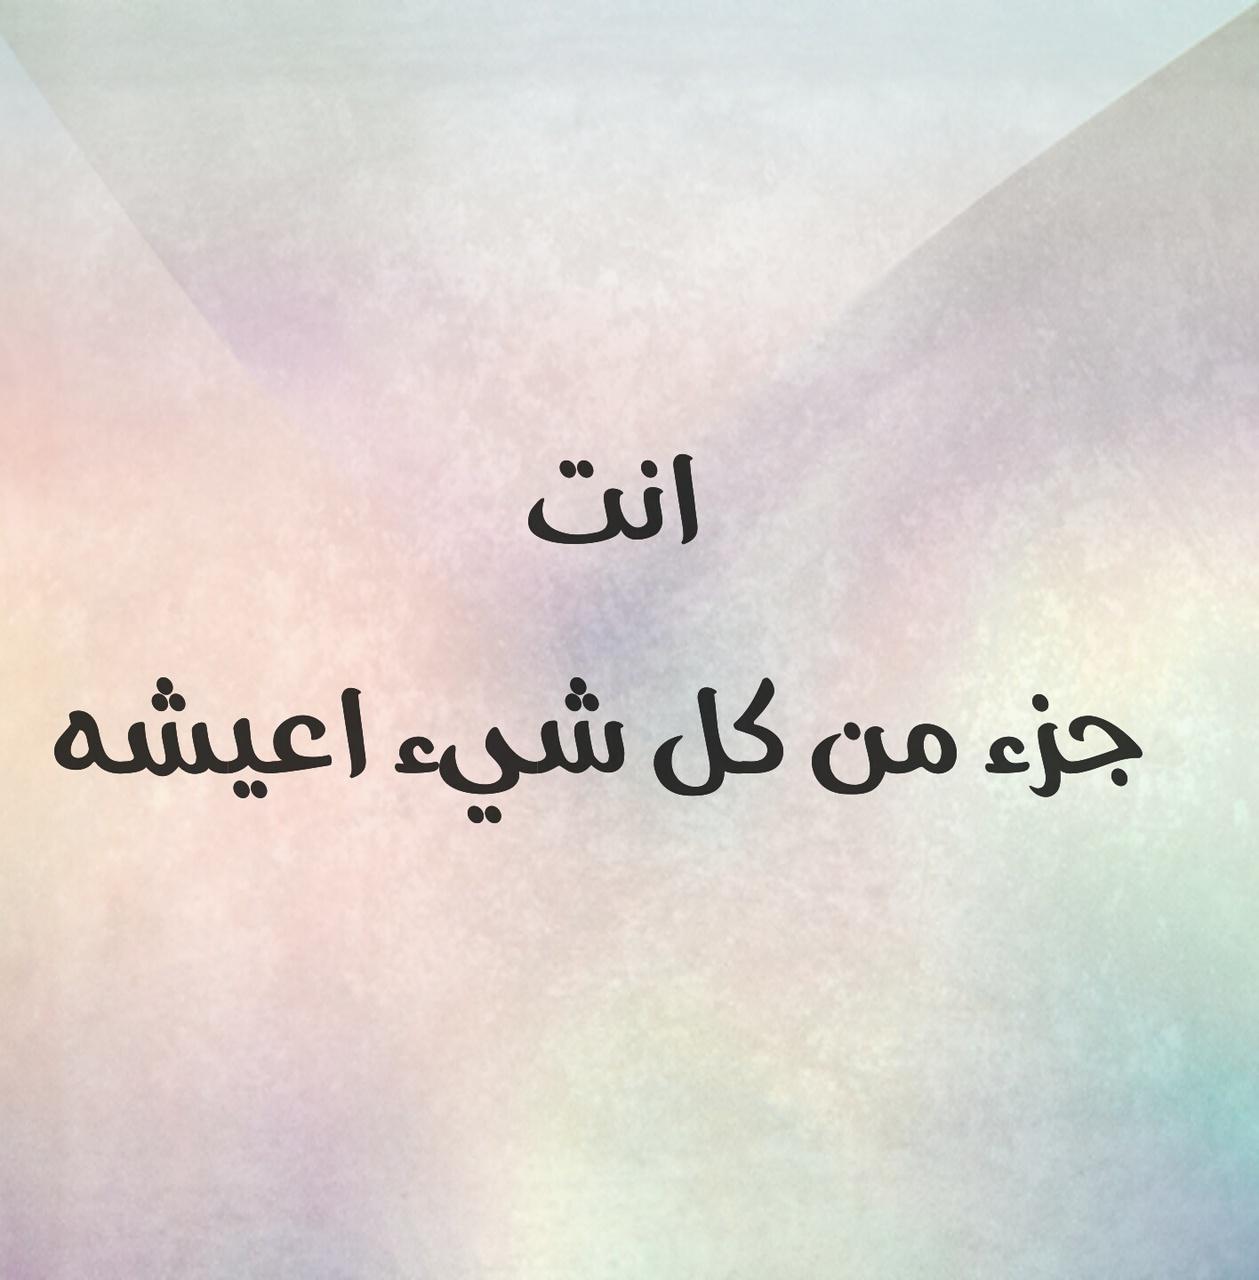 اجمل كلام فالحب